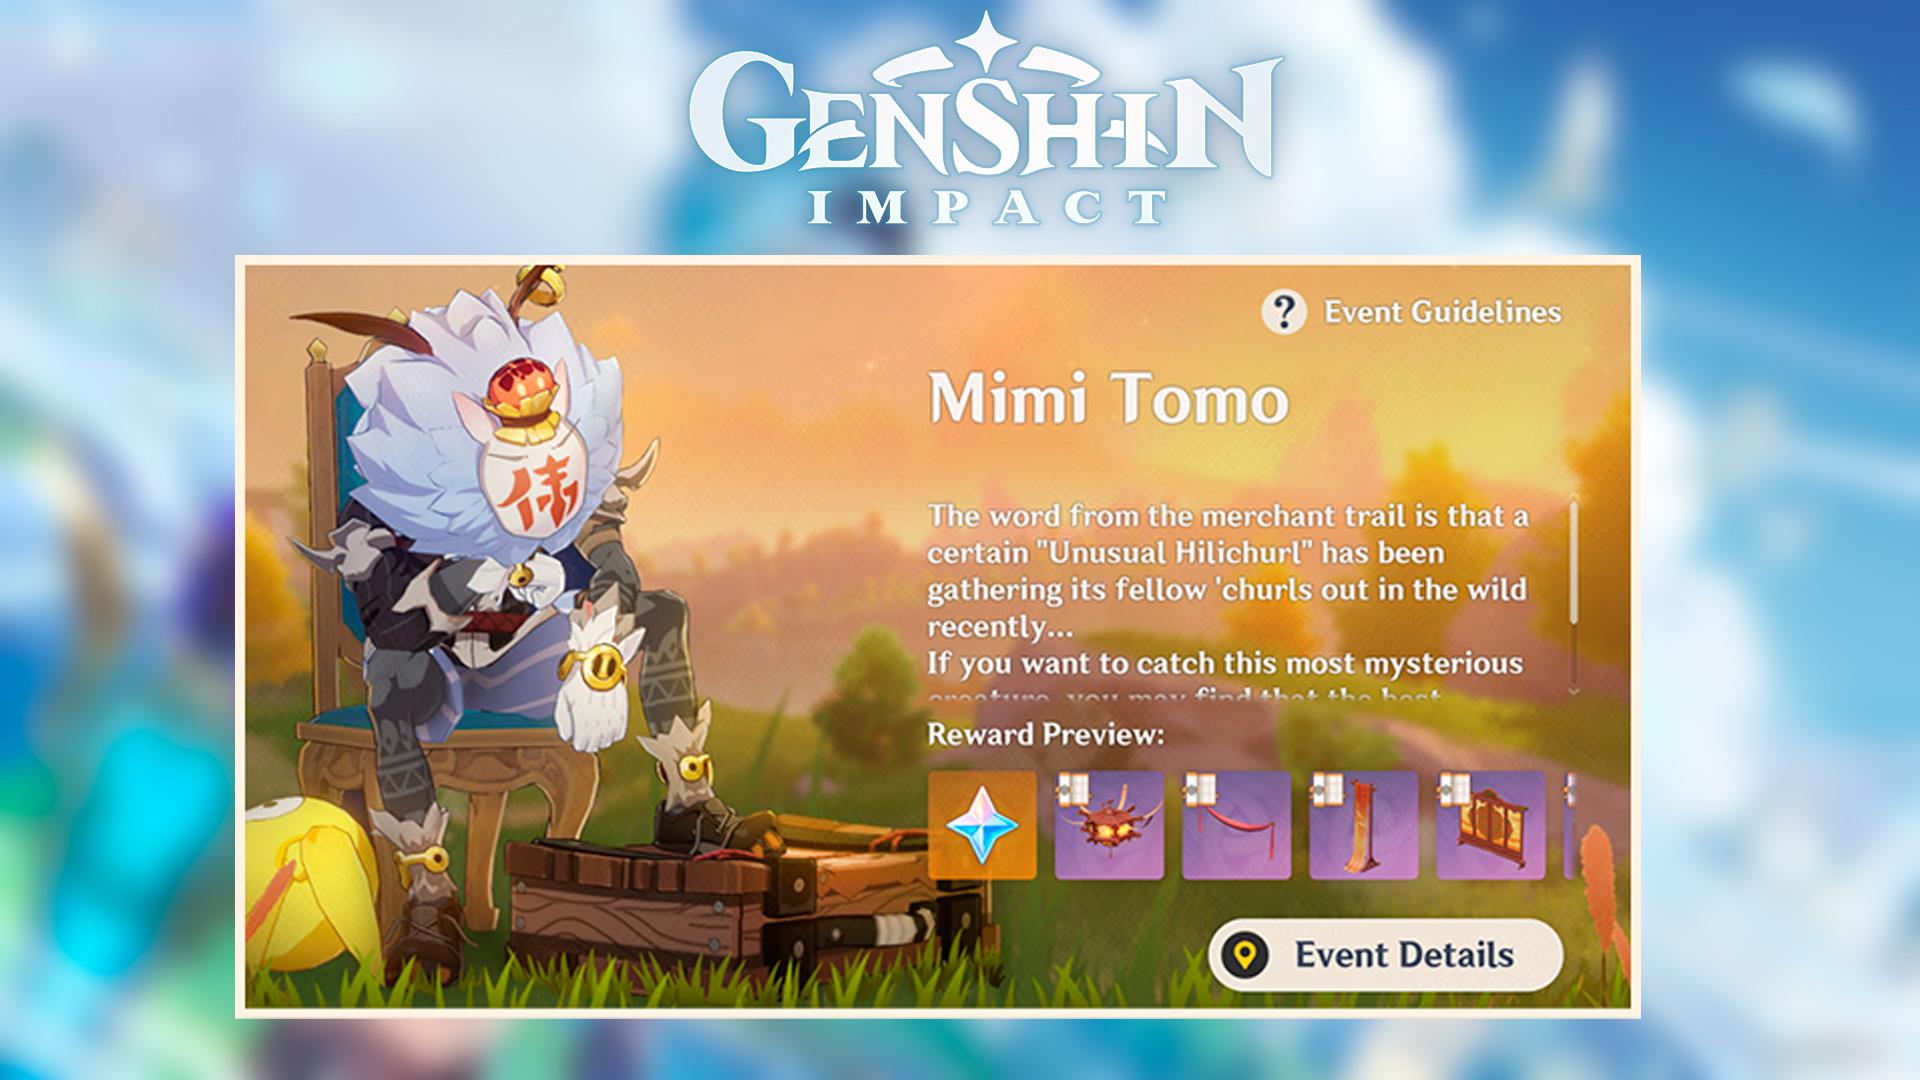 Mimi tomo en Genshin Impact